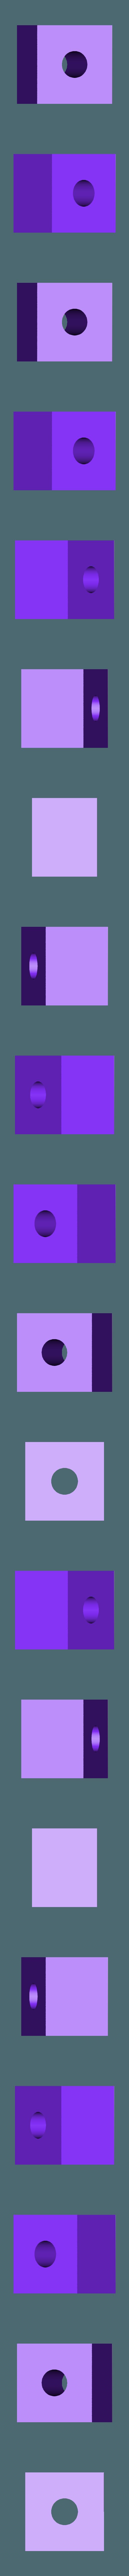 Base_coupler.stl Télécharger fichier STL gratuit Santa Whirligig • Objet pour imprimante 3D, Sparky6548